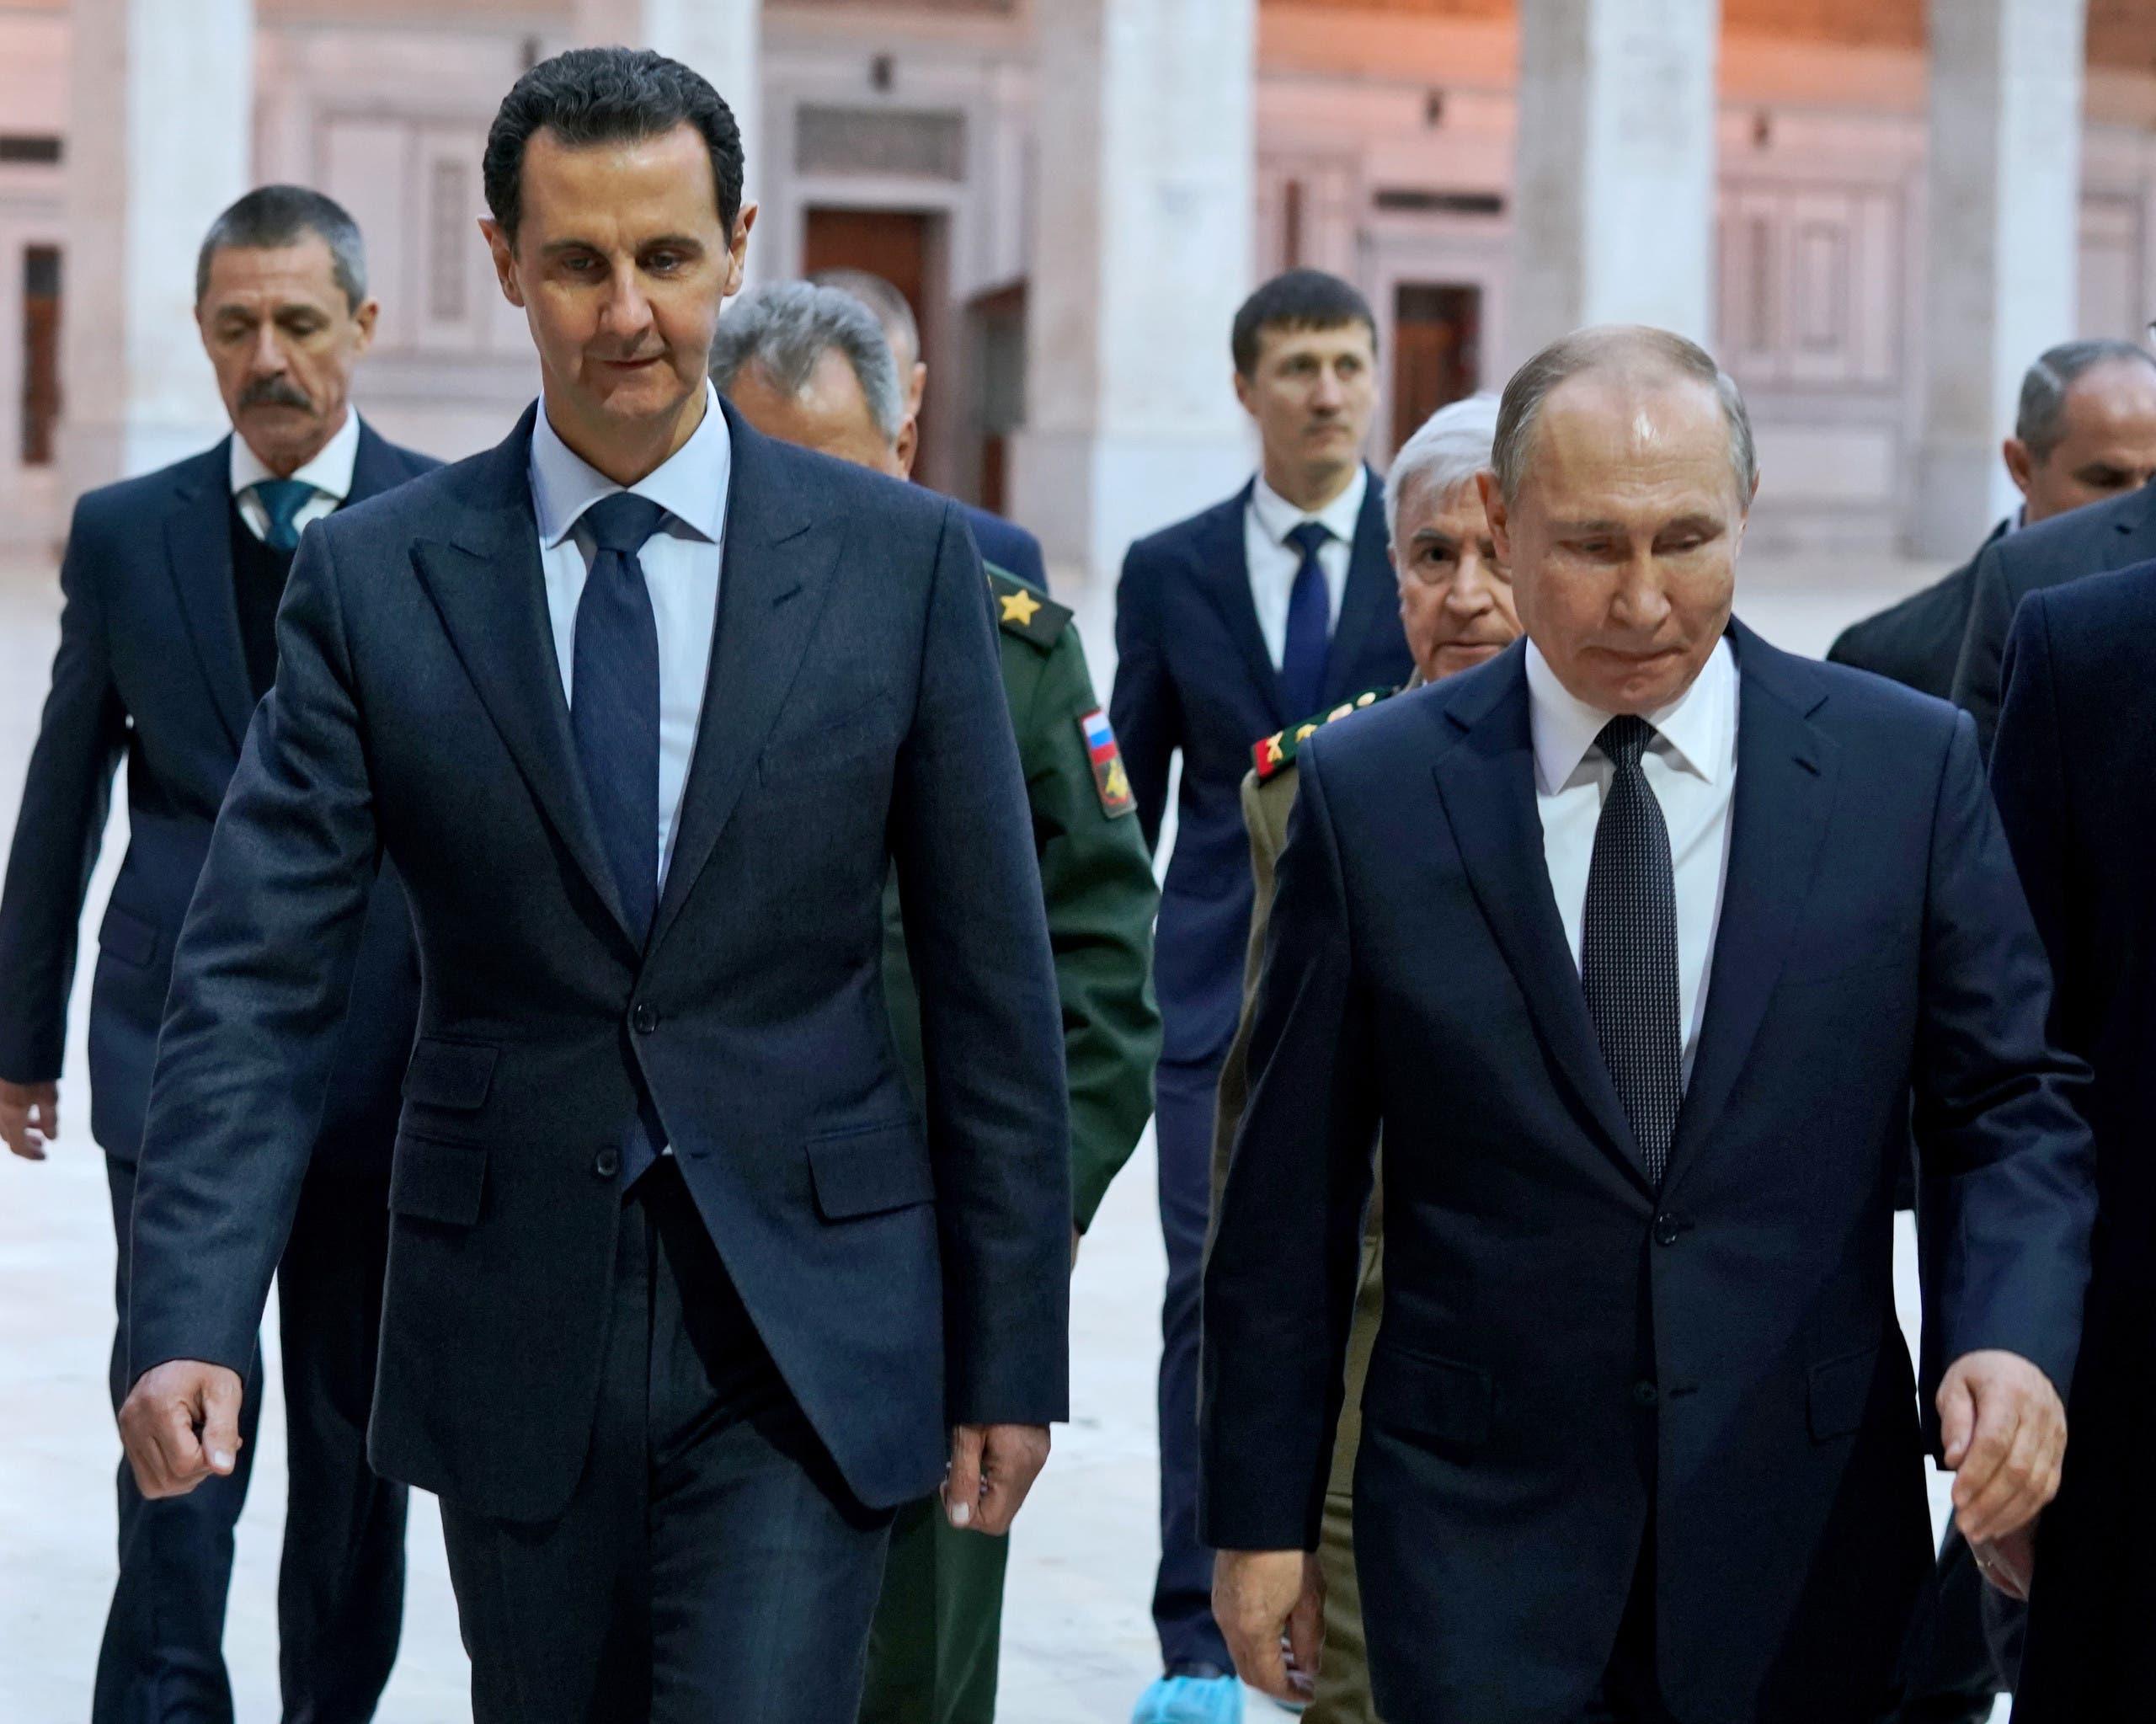 بوتين والأسد في الجامع الأموي بدمشق يوم 7 يناير 2020